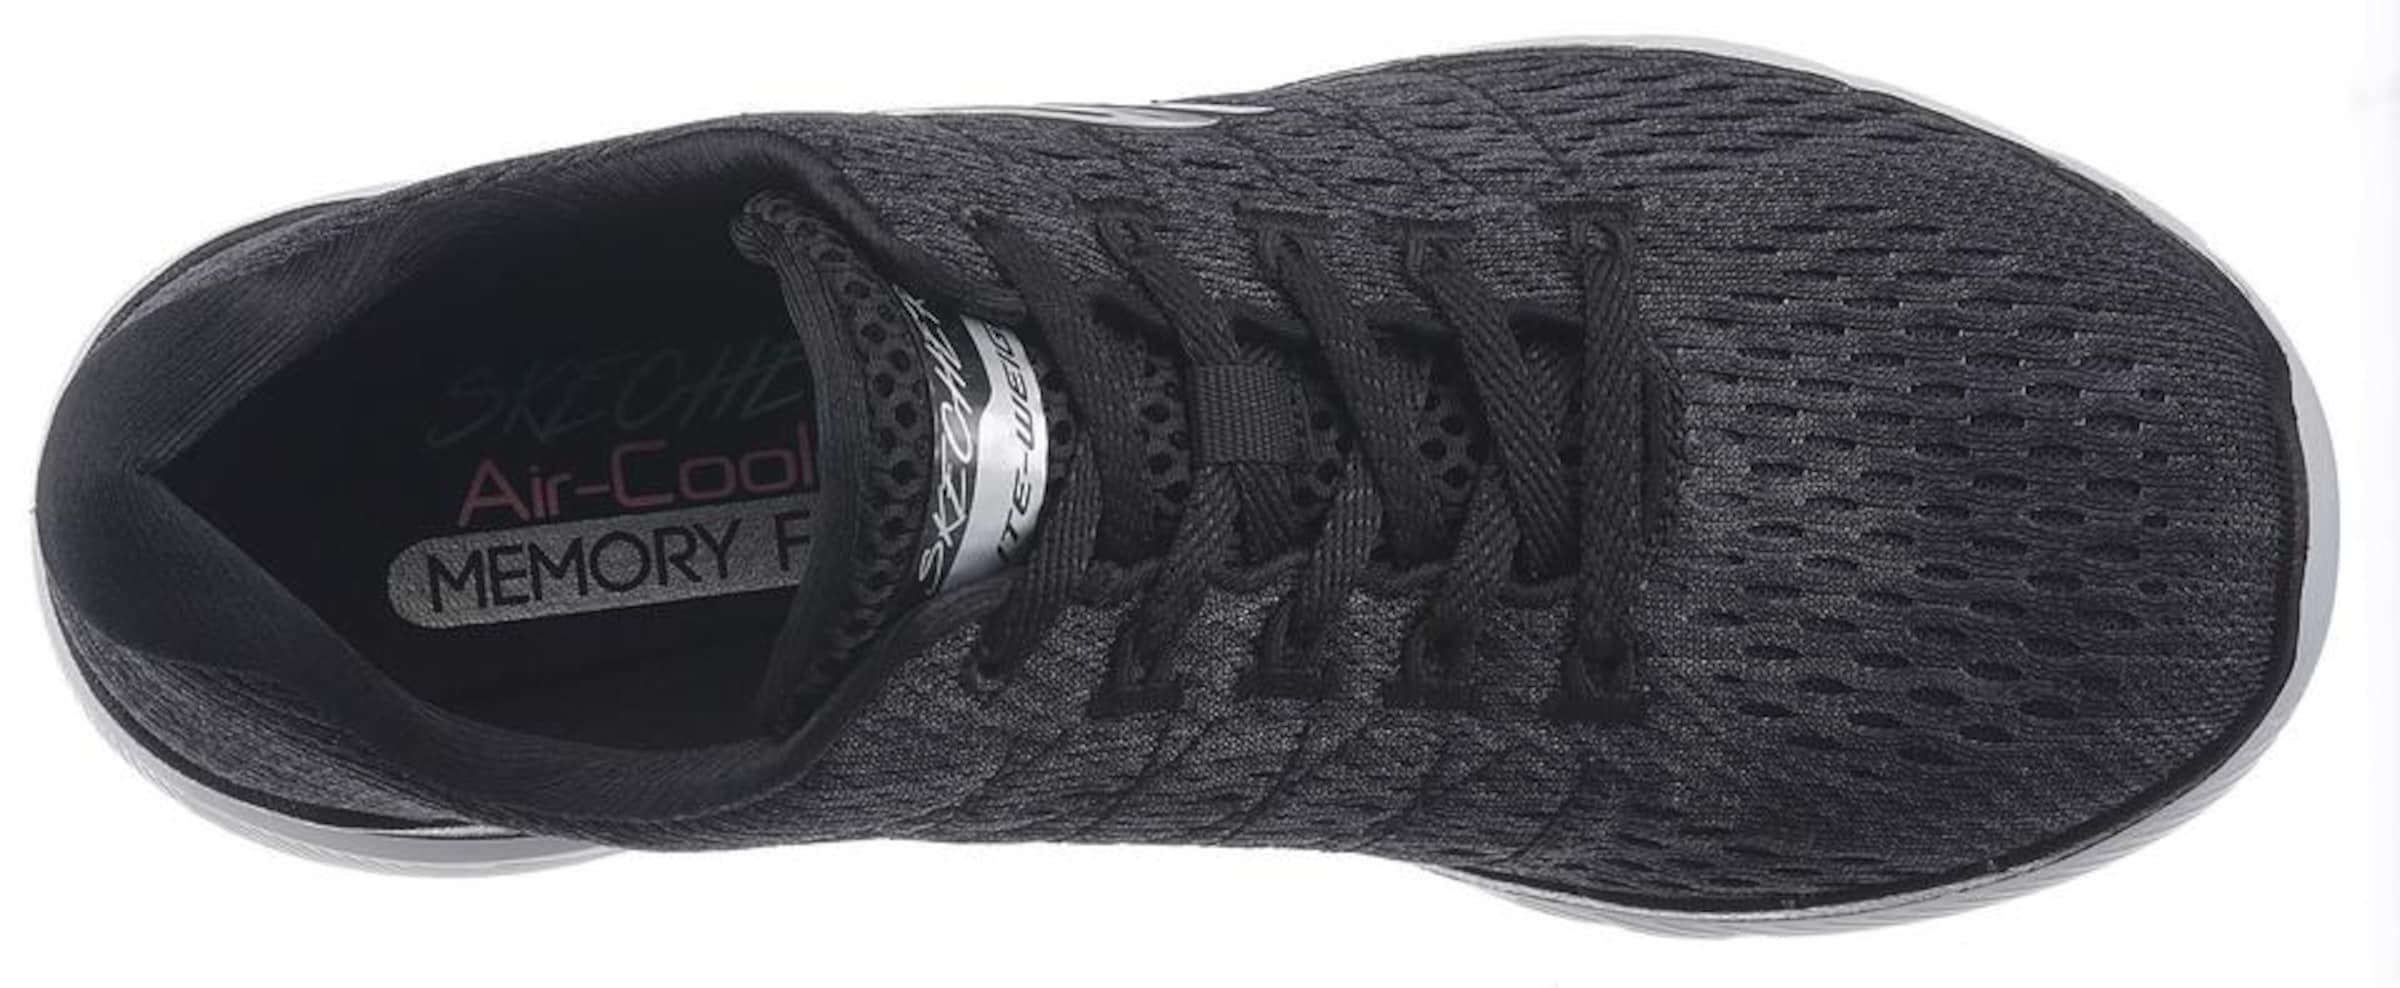 SKECHERS Turnschuhe 'Flex Appeal 3.0 Textil Verkaufen Sie Sie Sie saisonale Aktionen b6be4c